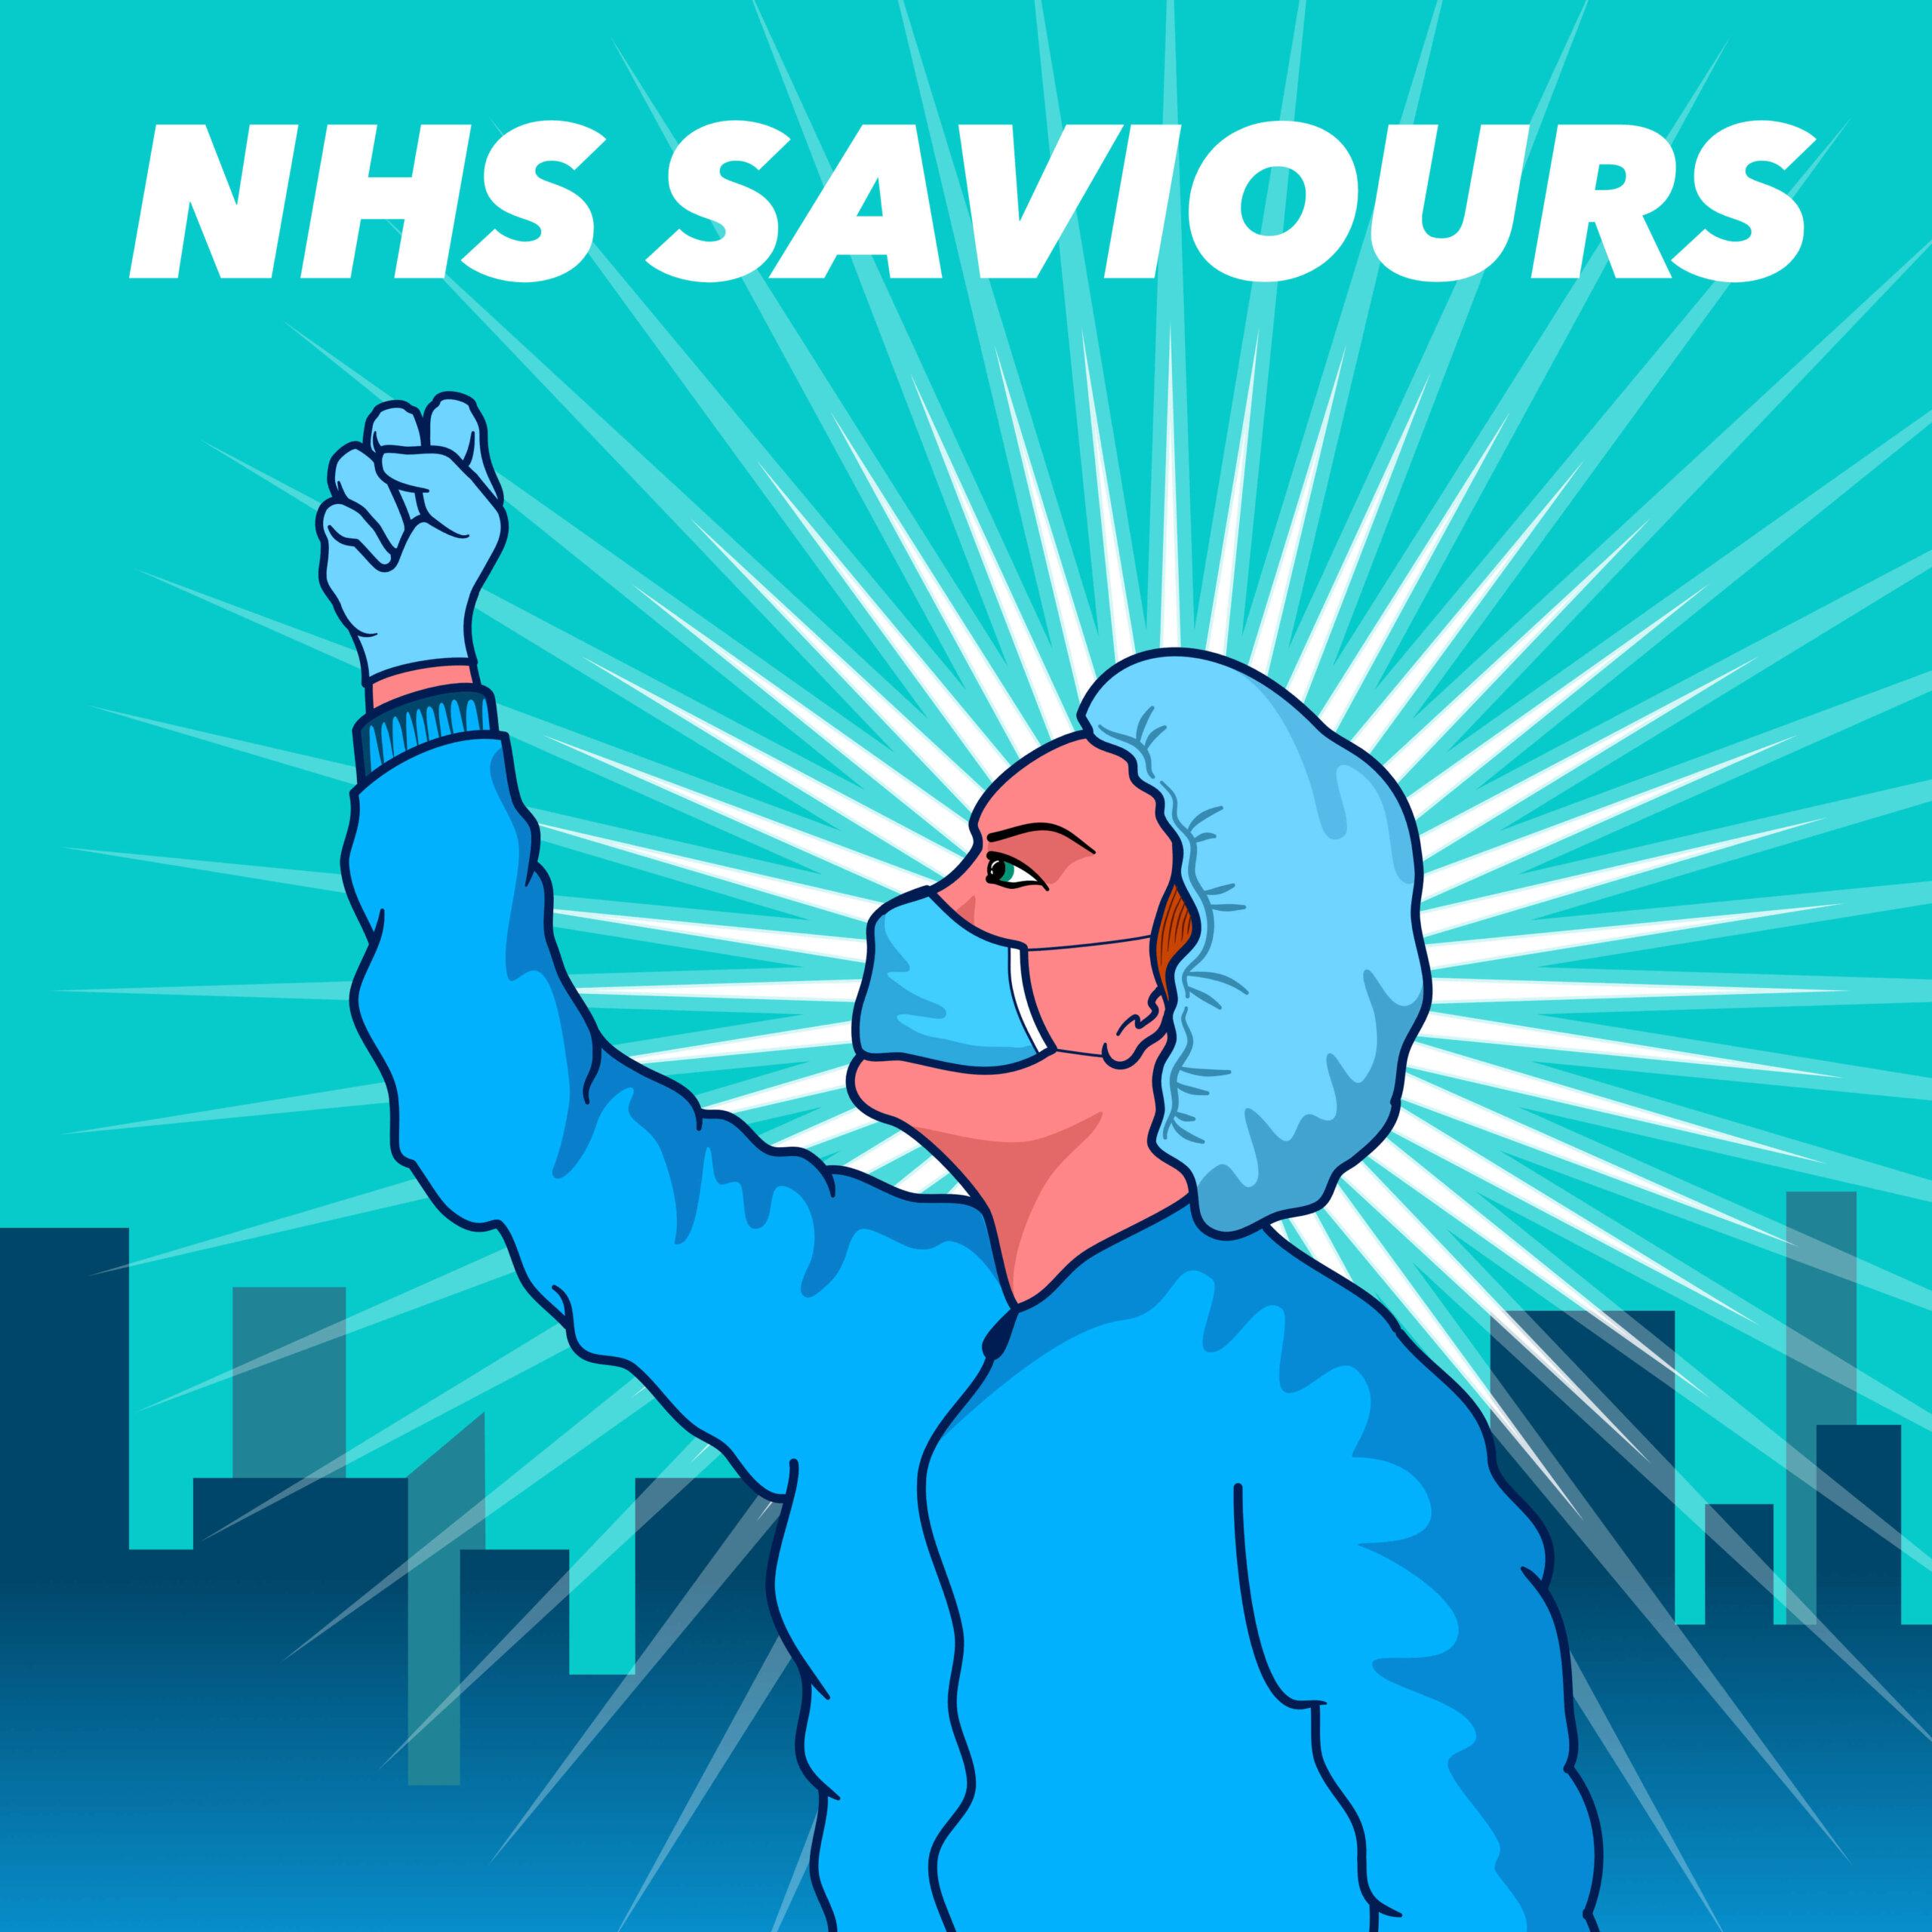 NHS Saviours